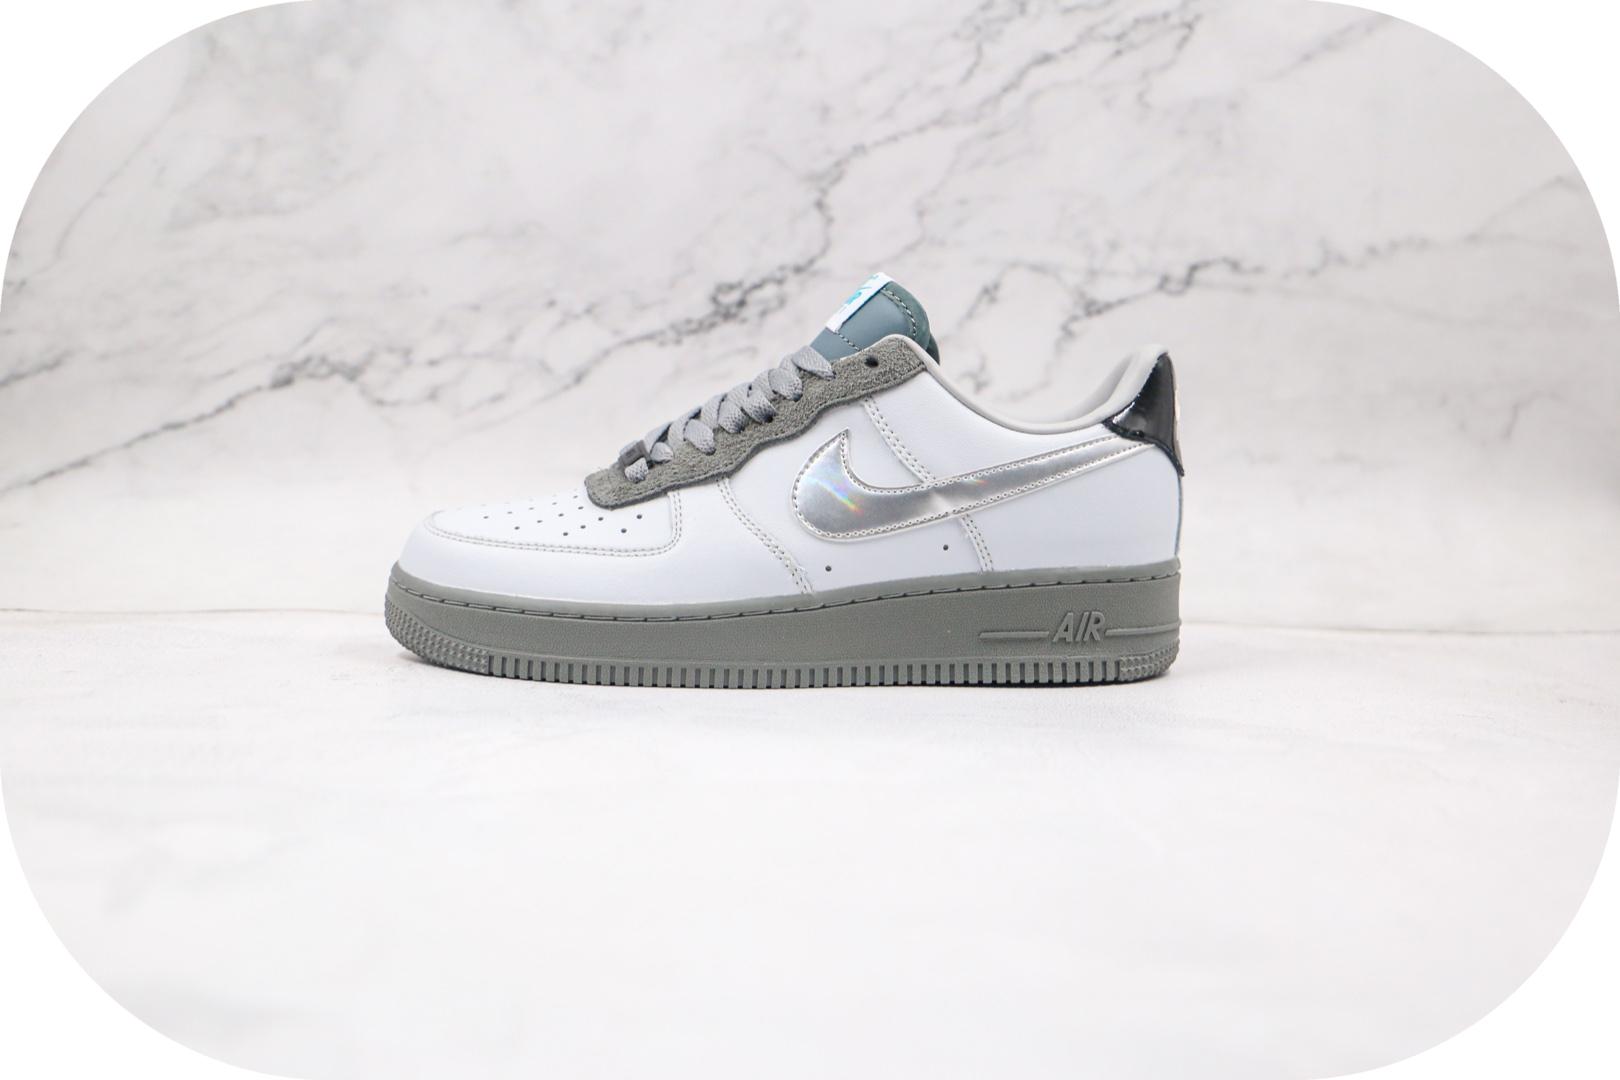 耐克Nike Air Force 1 Low 07 University纯原版本低帮空军一号白银灰色板鞋内置气垫 货号:DC1163-100